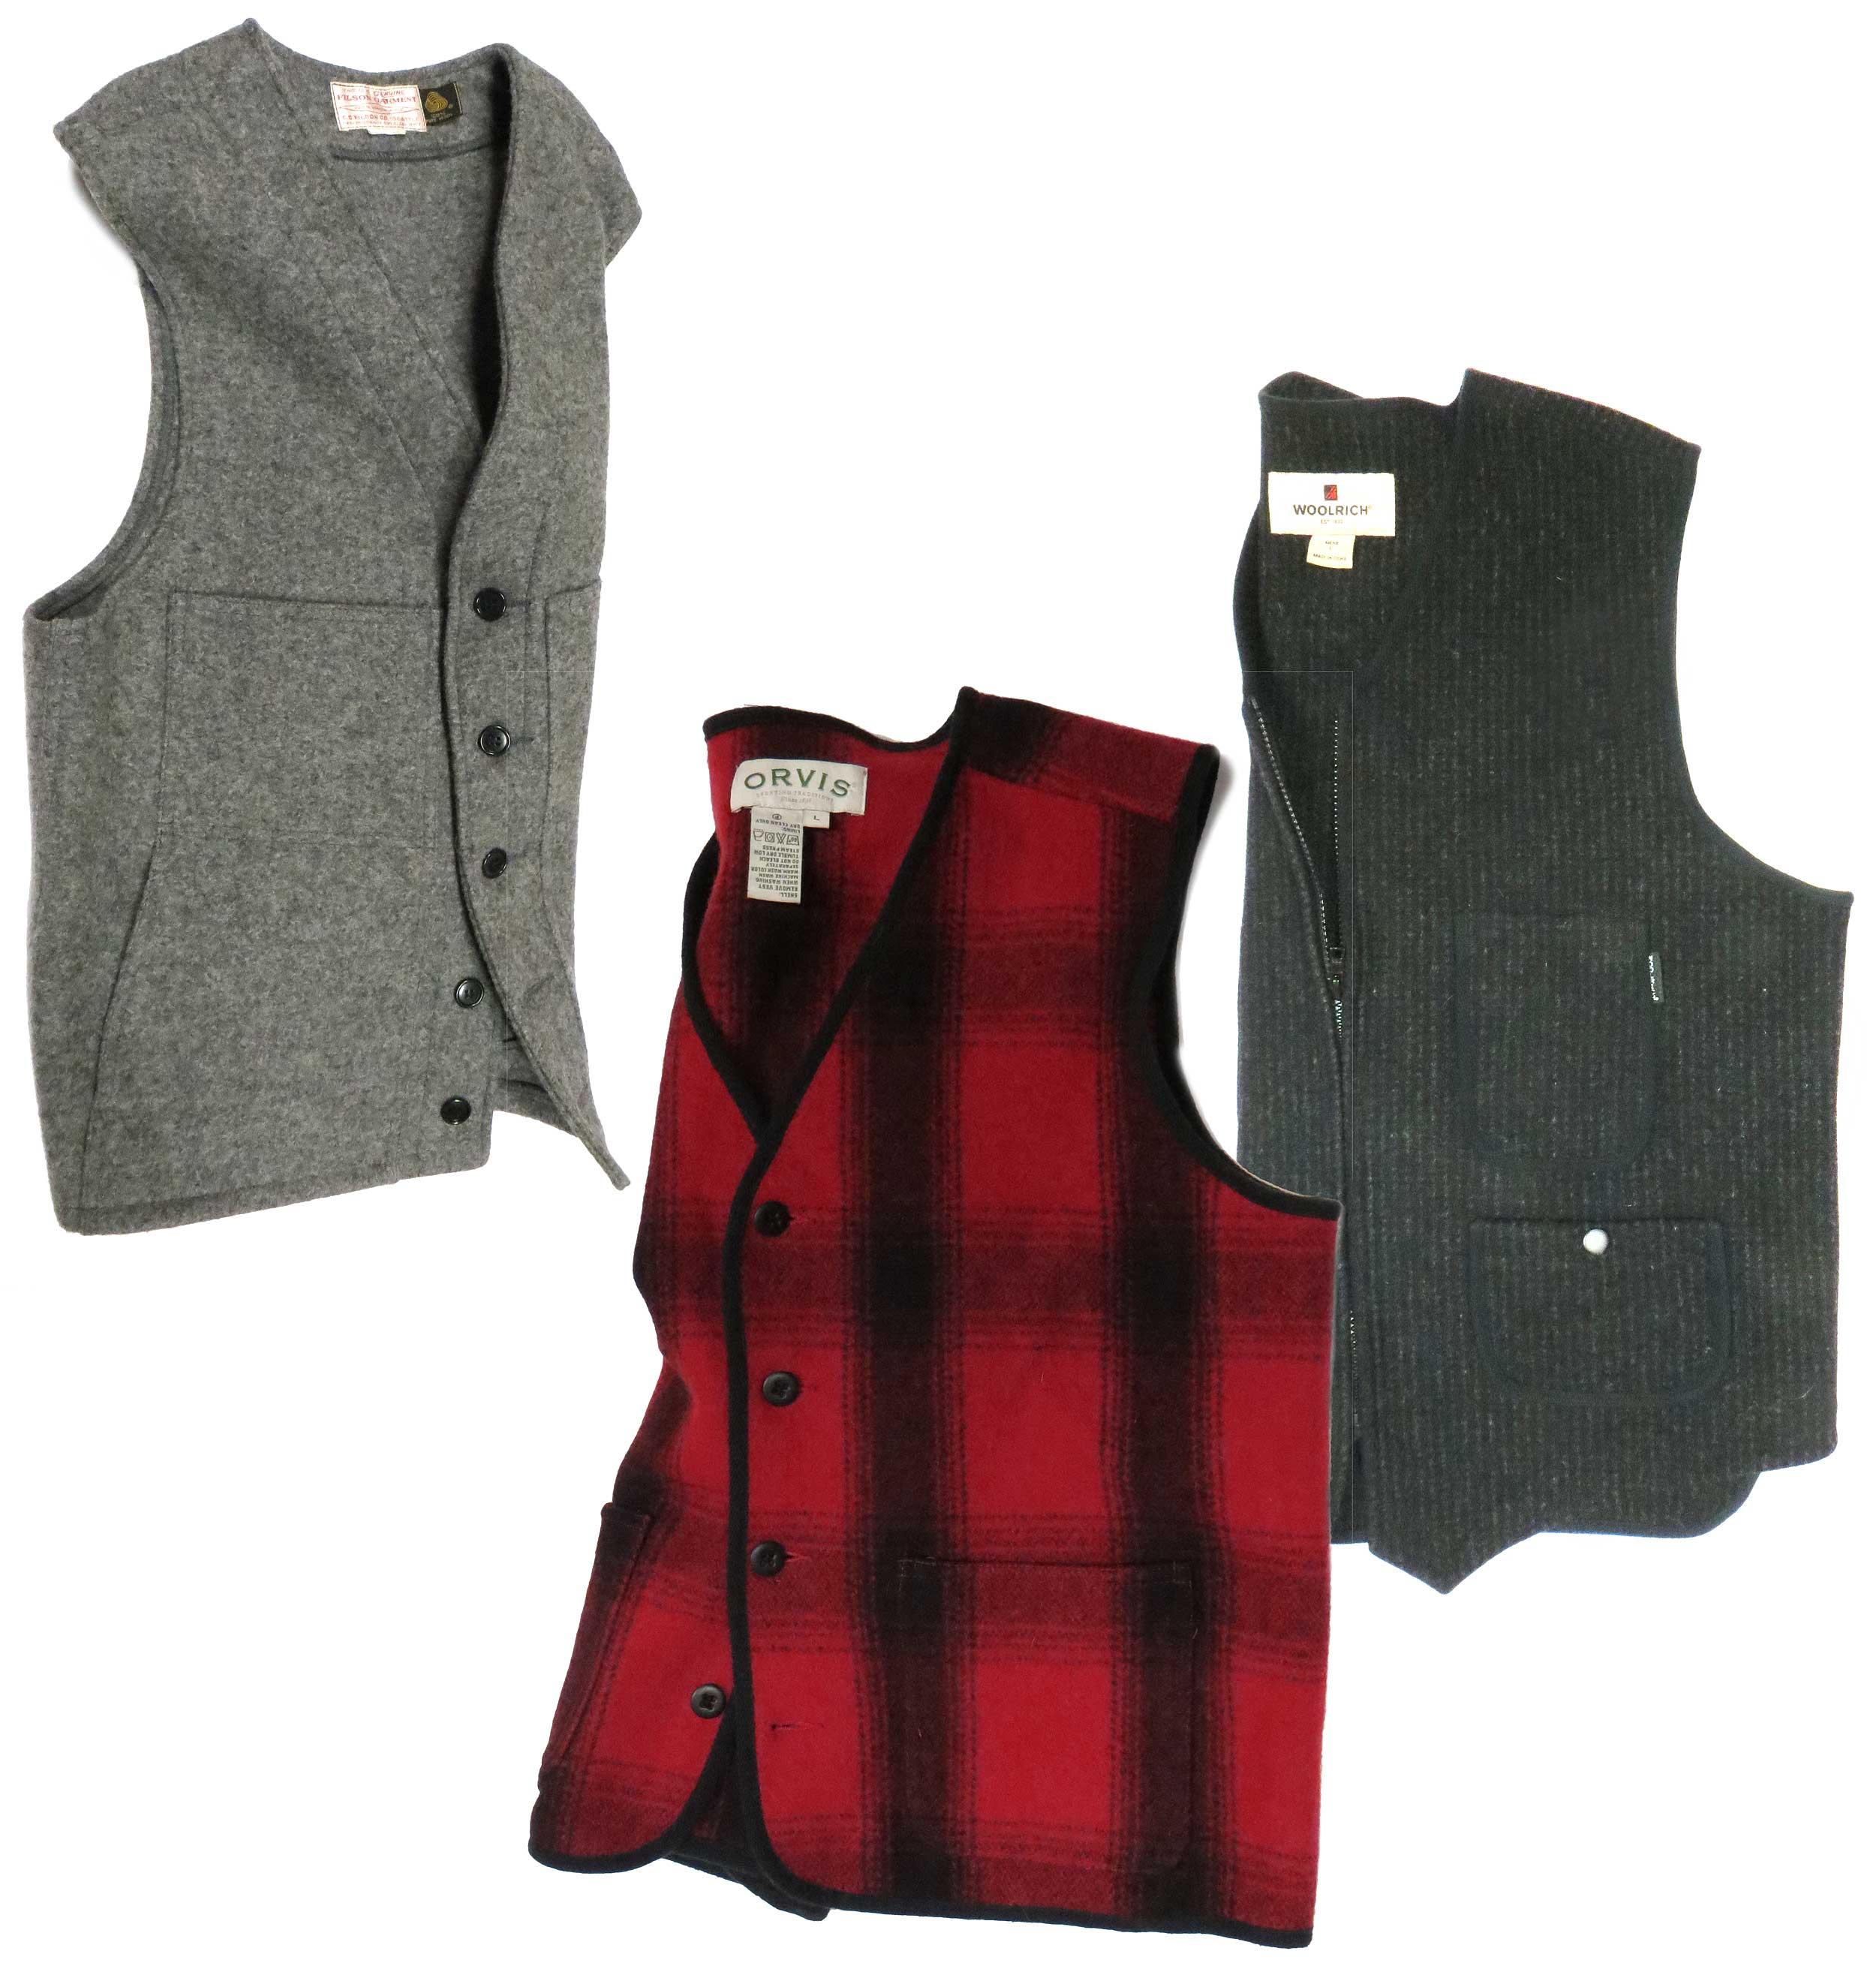 Heritage Wool Hunting Vests